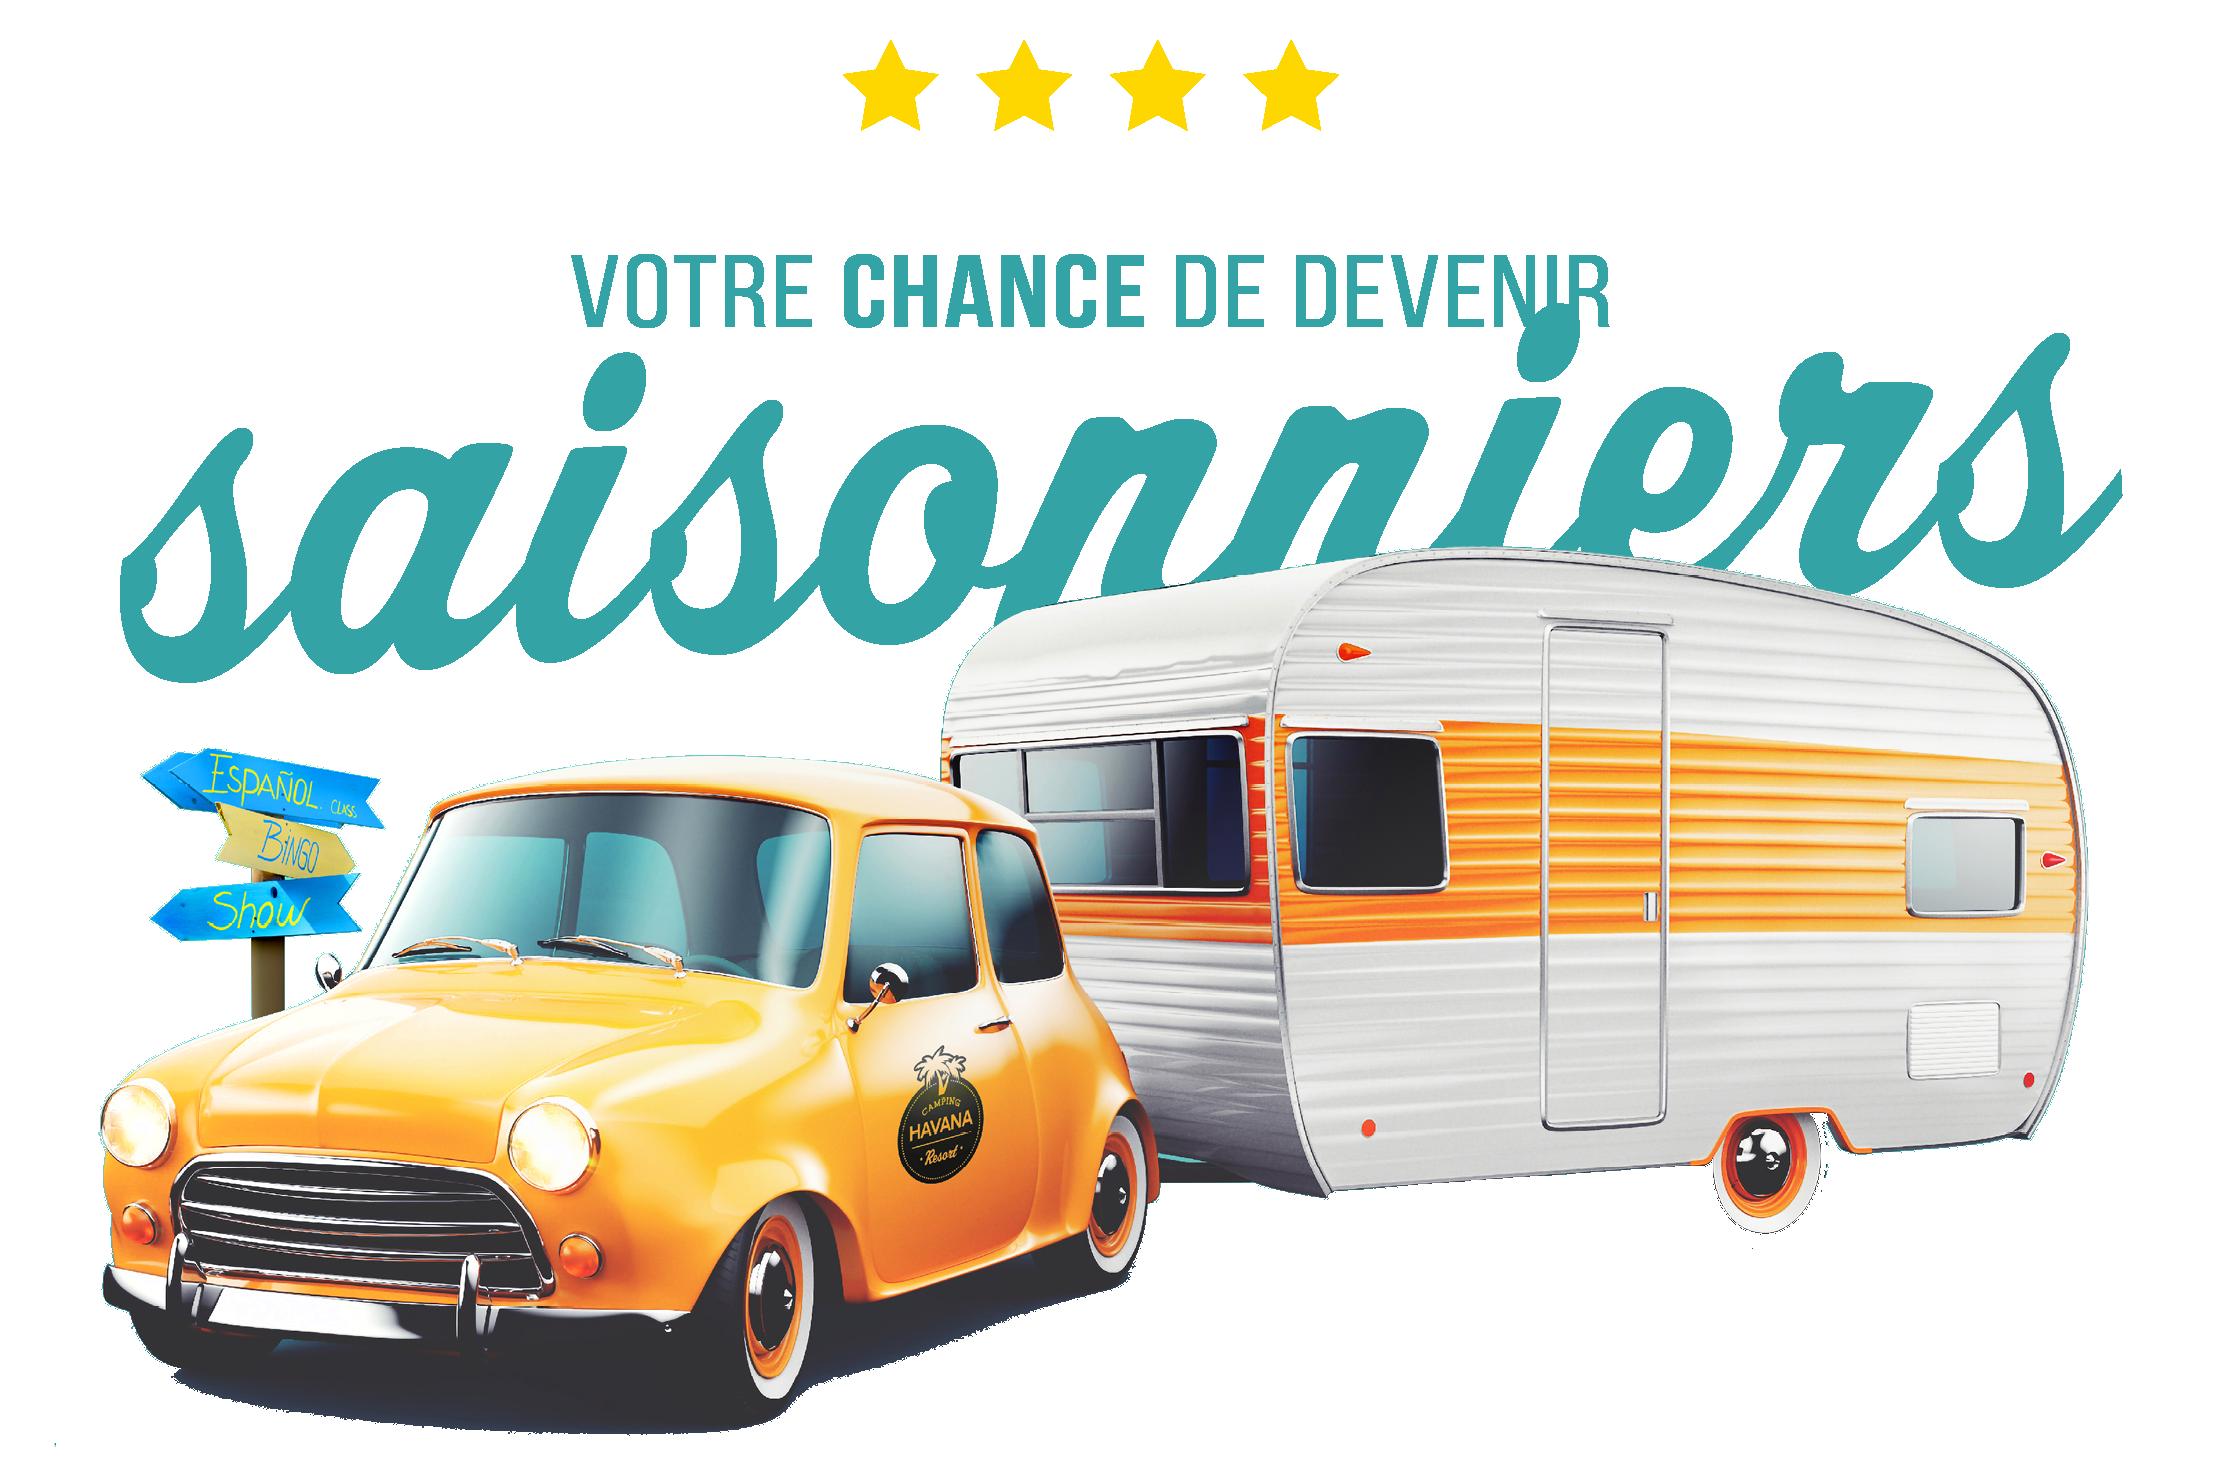 CH_Saisonnier_page2